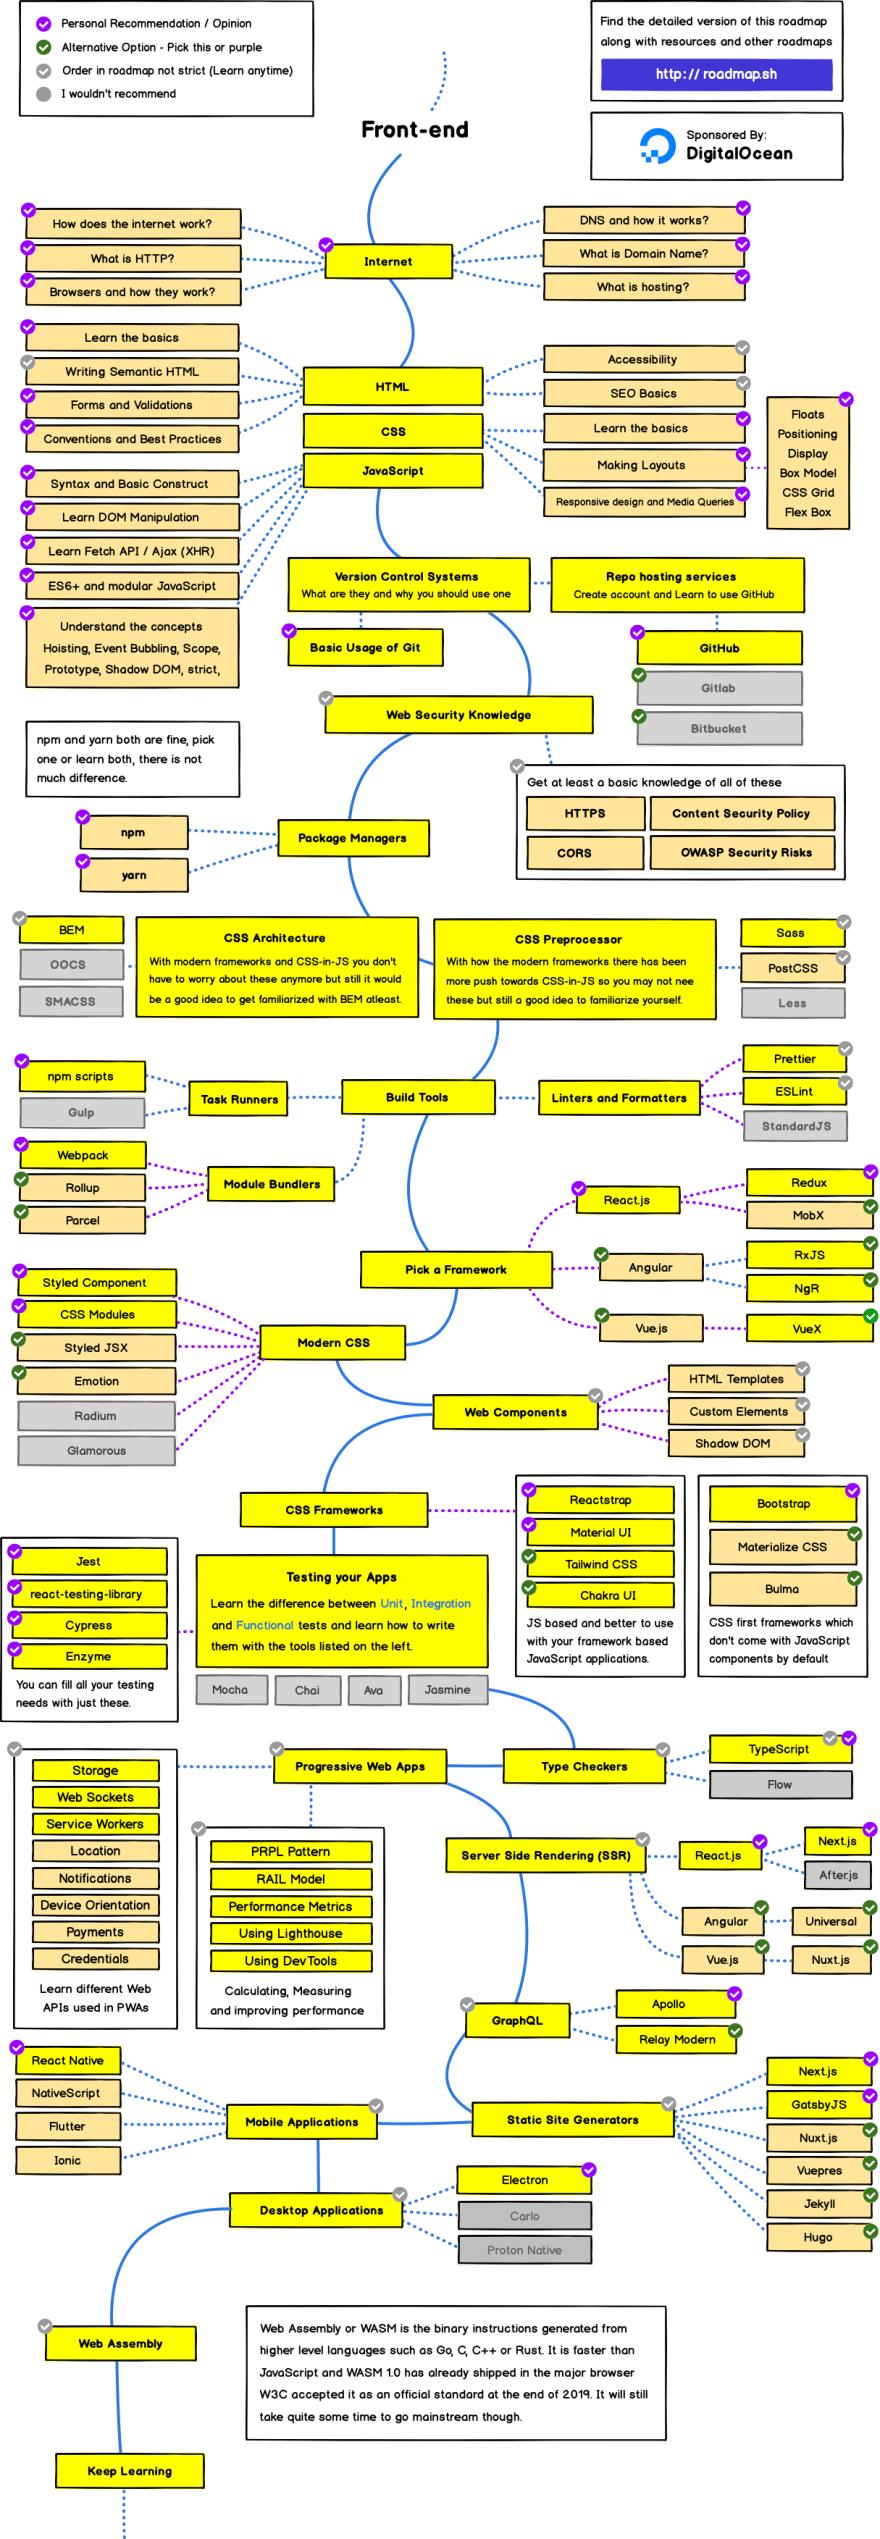 Frontend Roadmap 2020